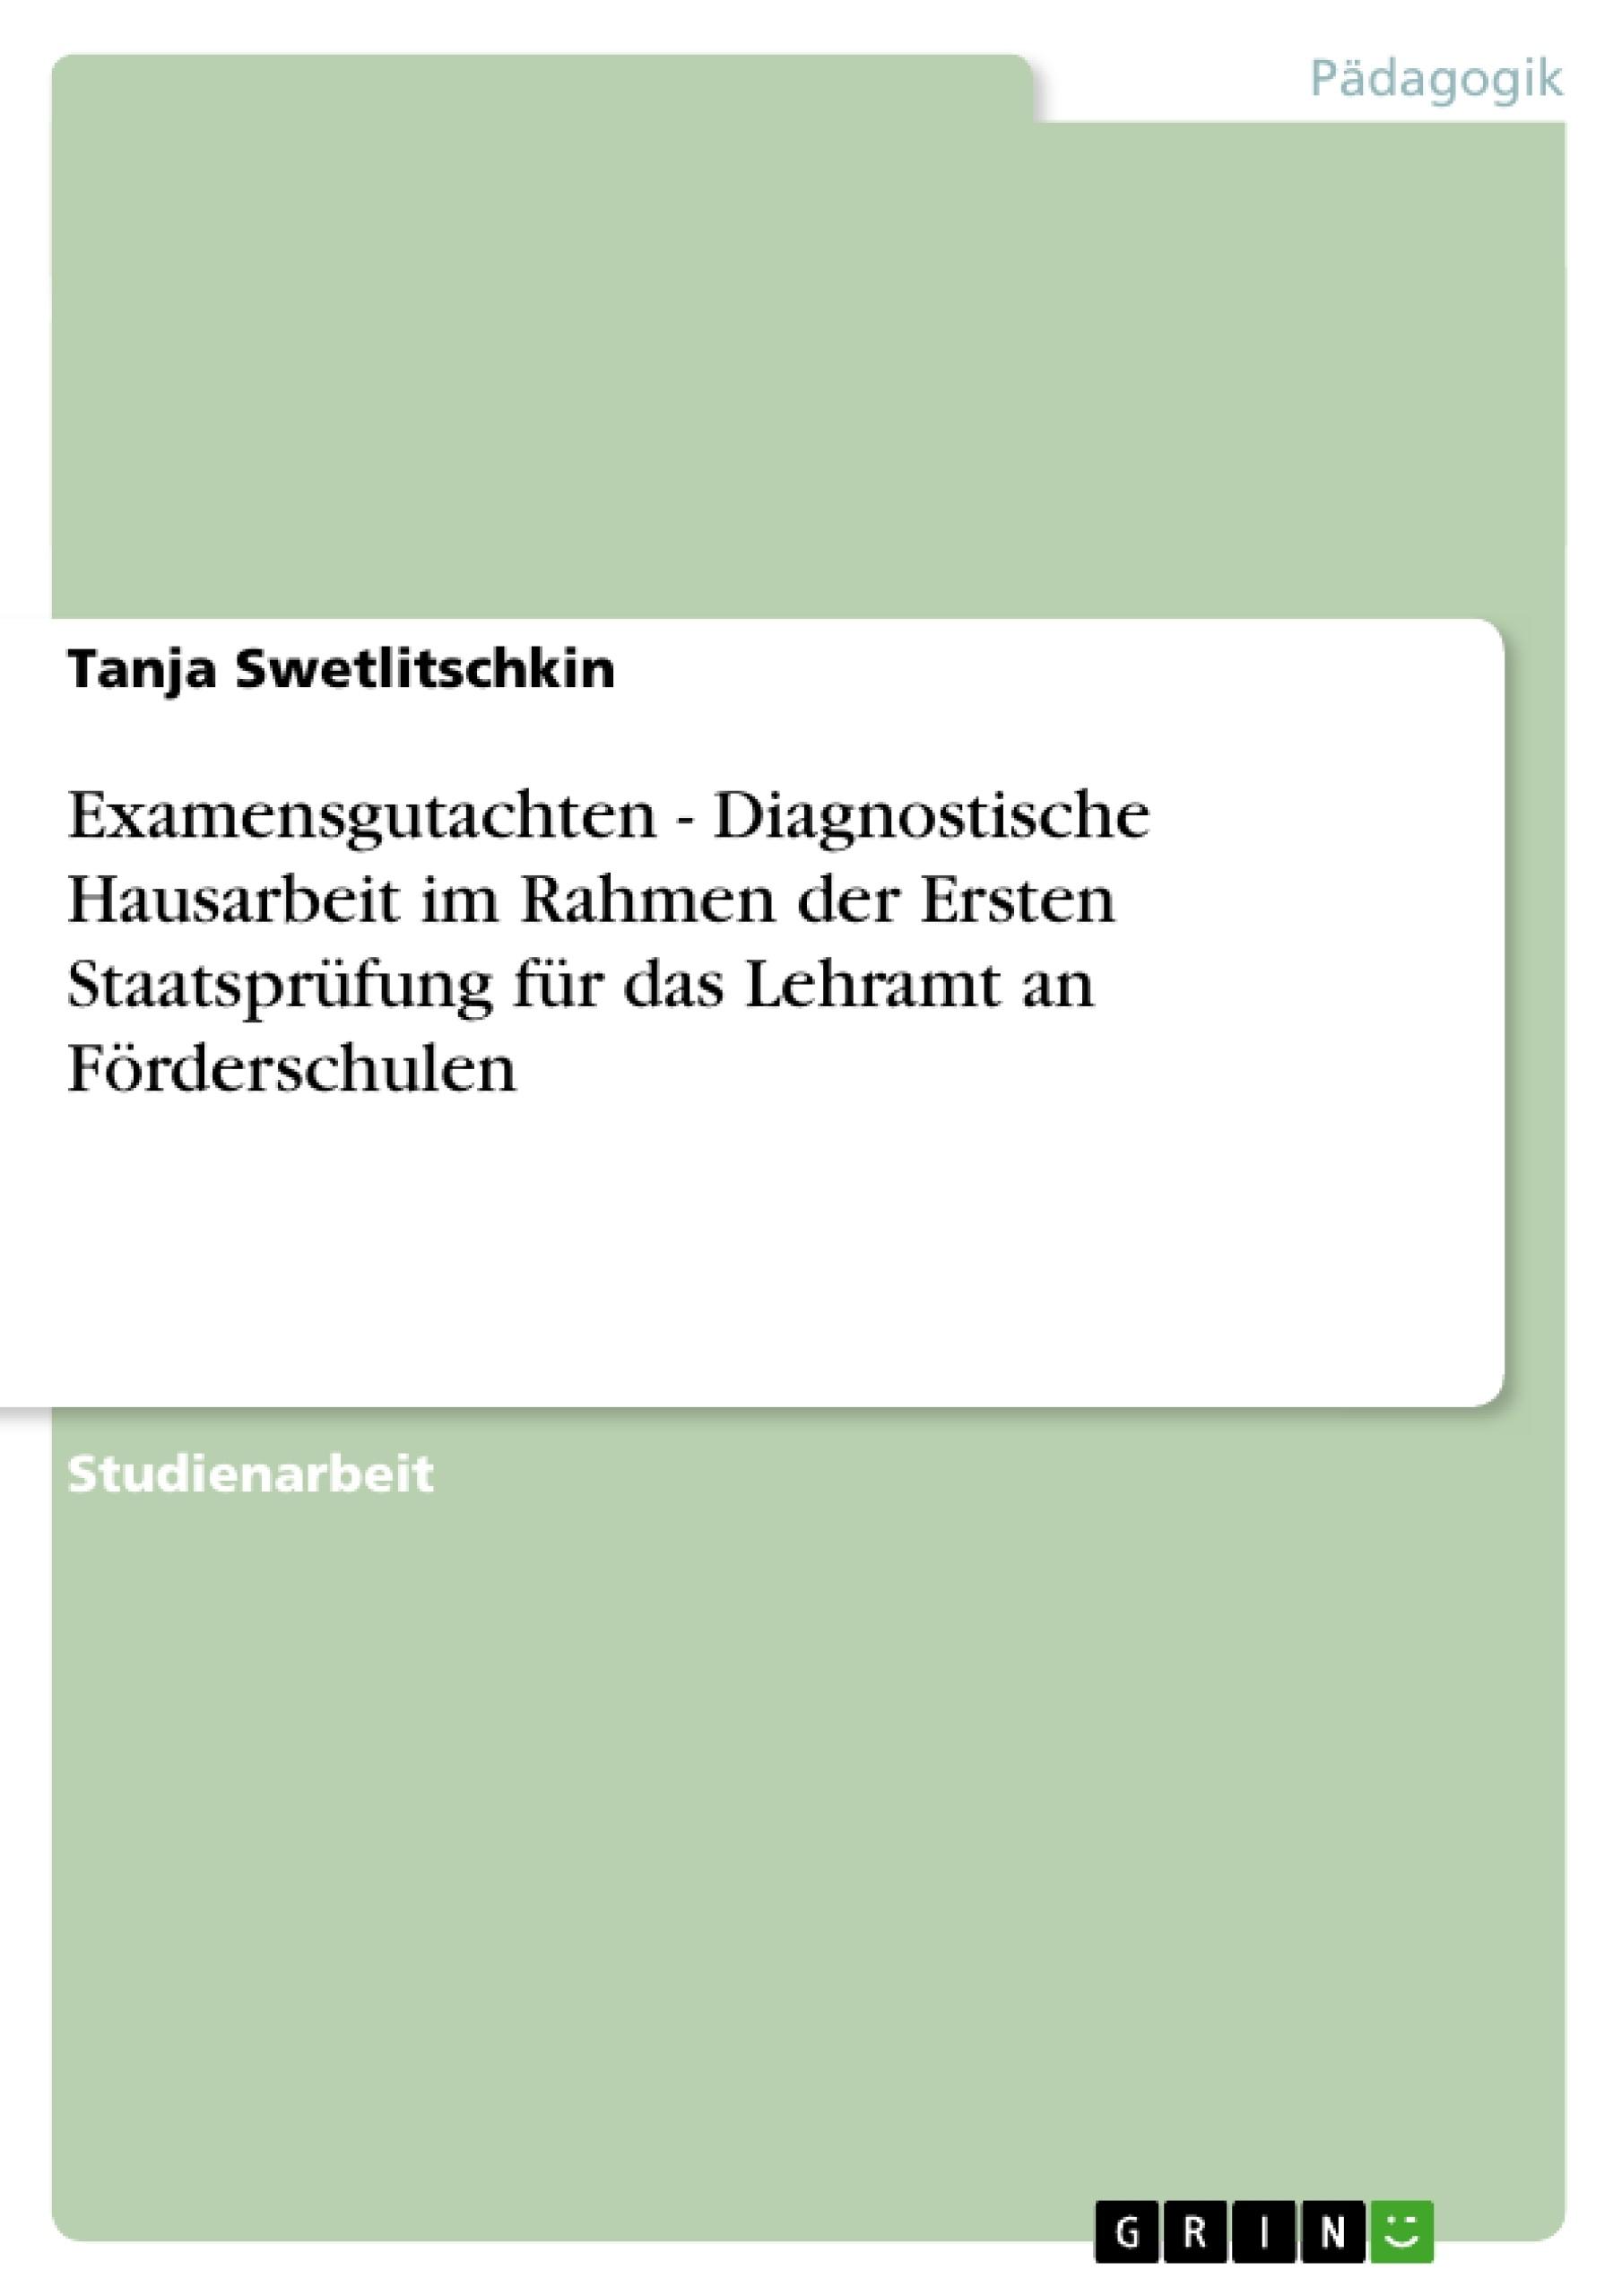 Titel: Examensgutachten - Diagnostische Hausarbeit im Rahmen der Ersten Staatsprüfung für das Lehramt an Förderschulen